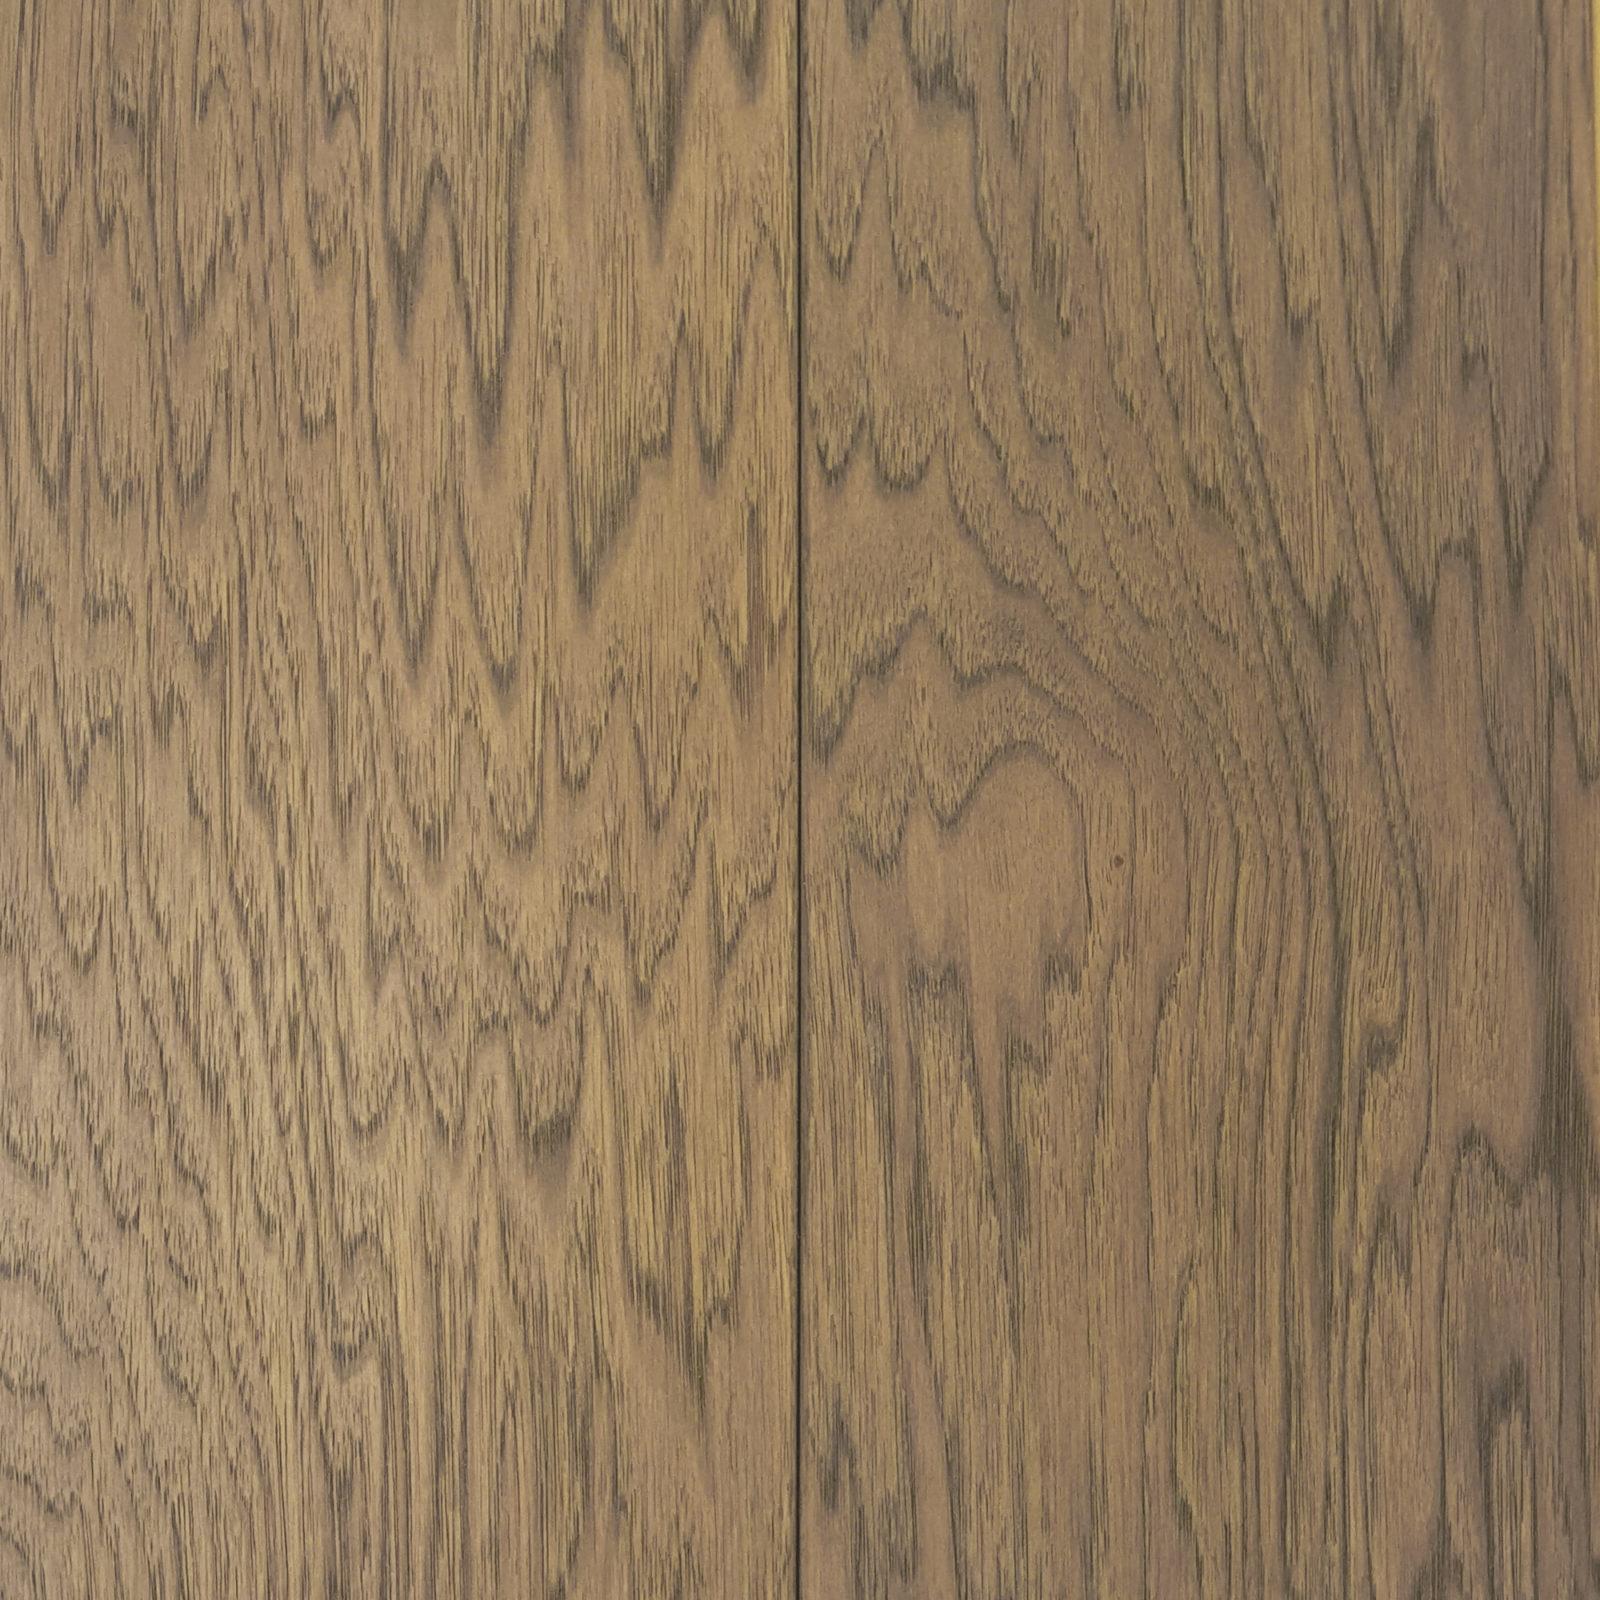 Hickory Spirit Engineered Flooring